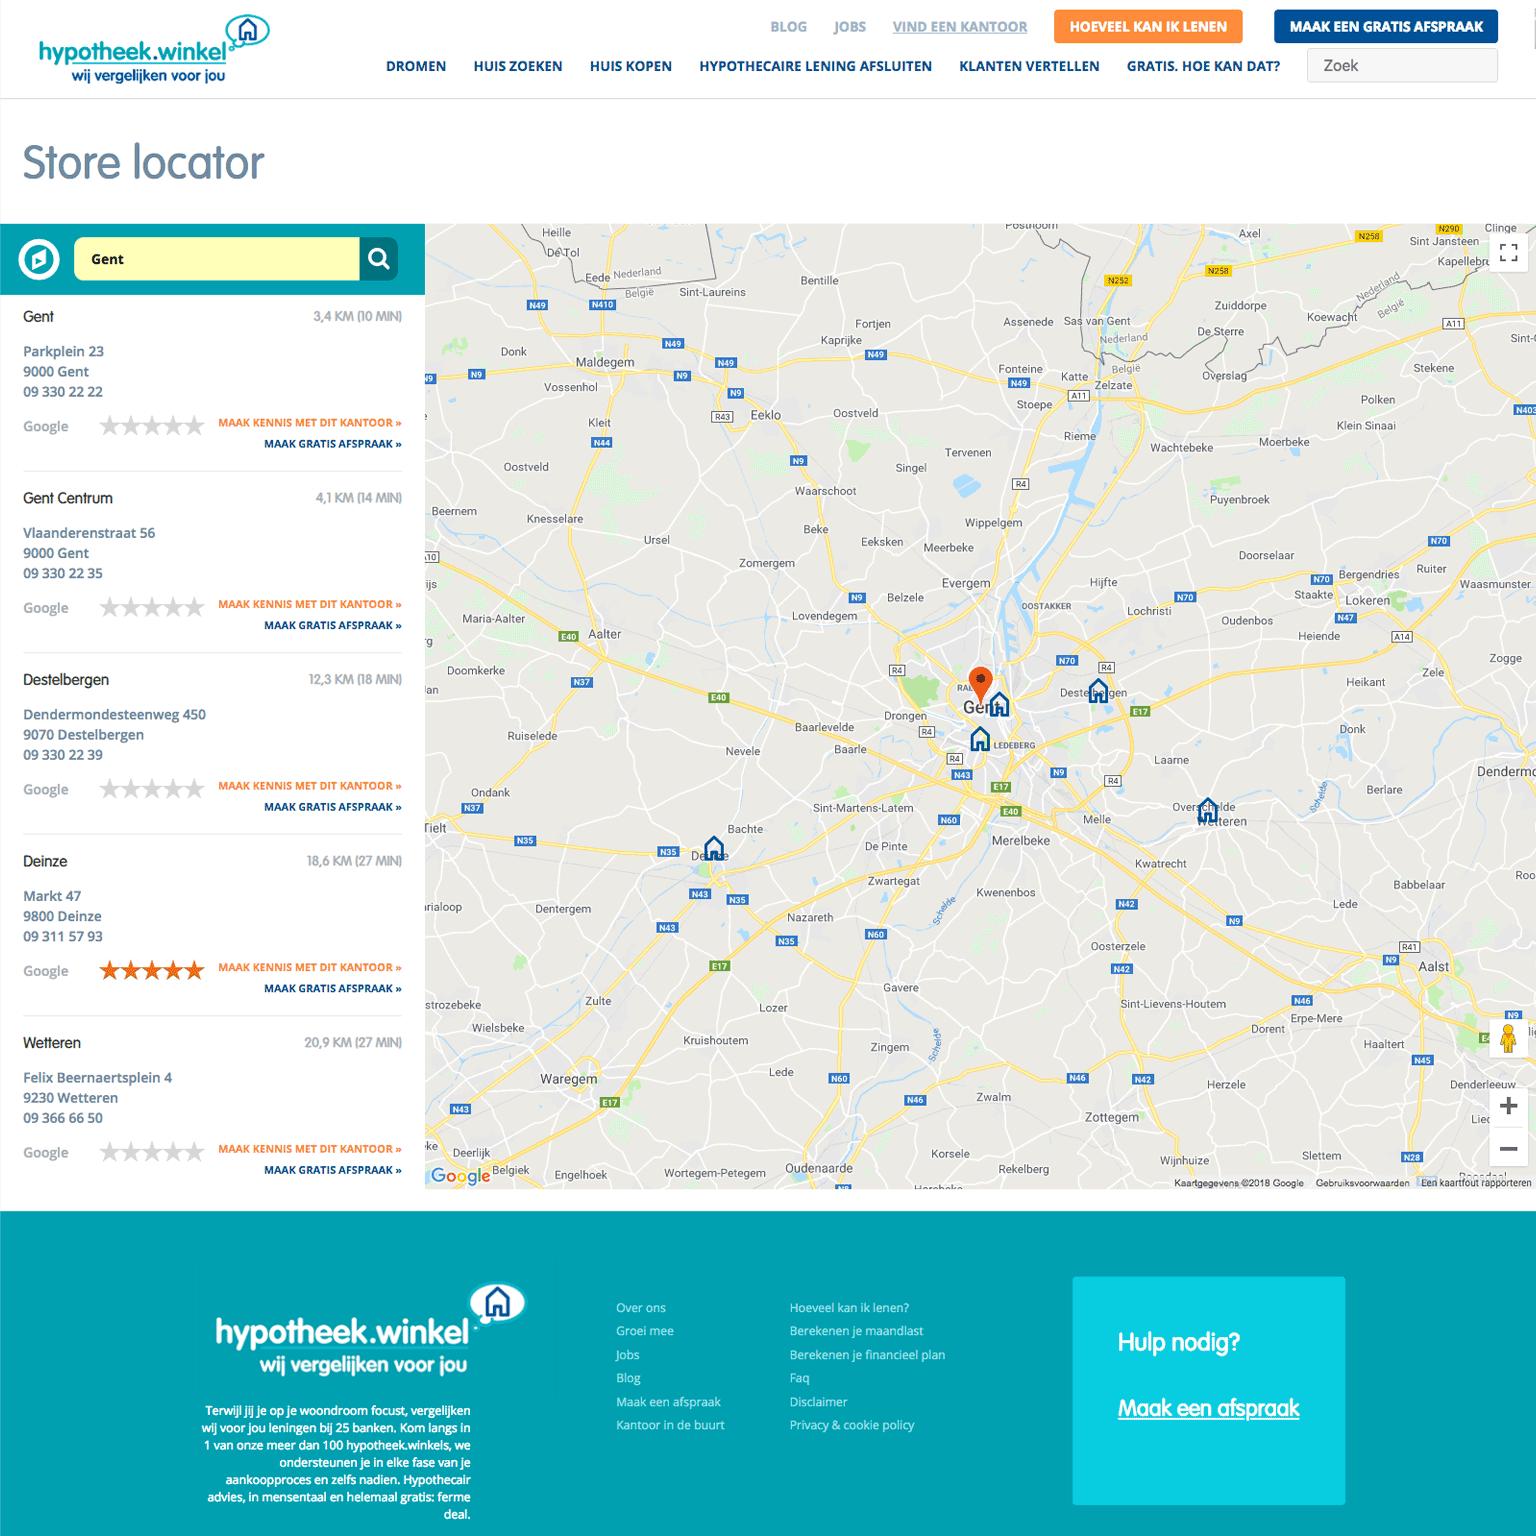 1536x1536-case-study-hypotheekwinkel-store-locator-2